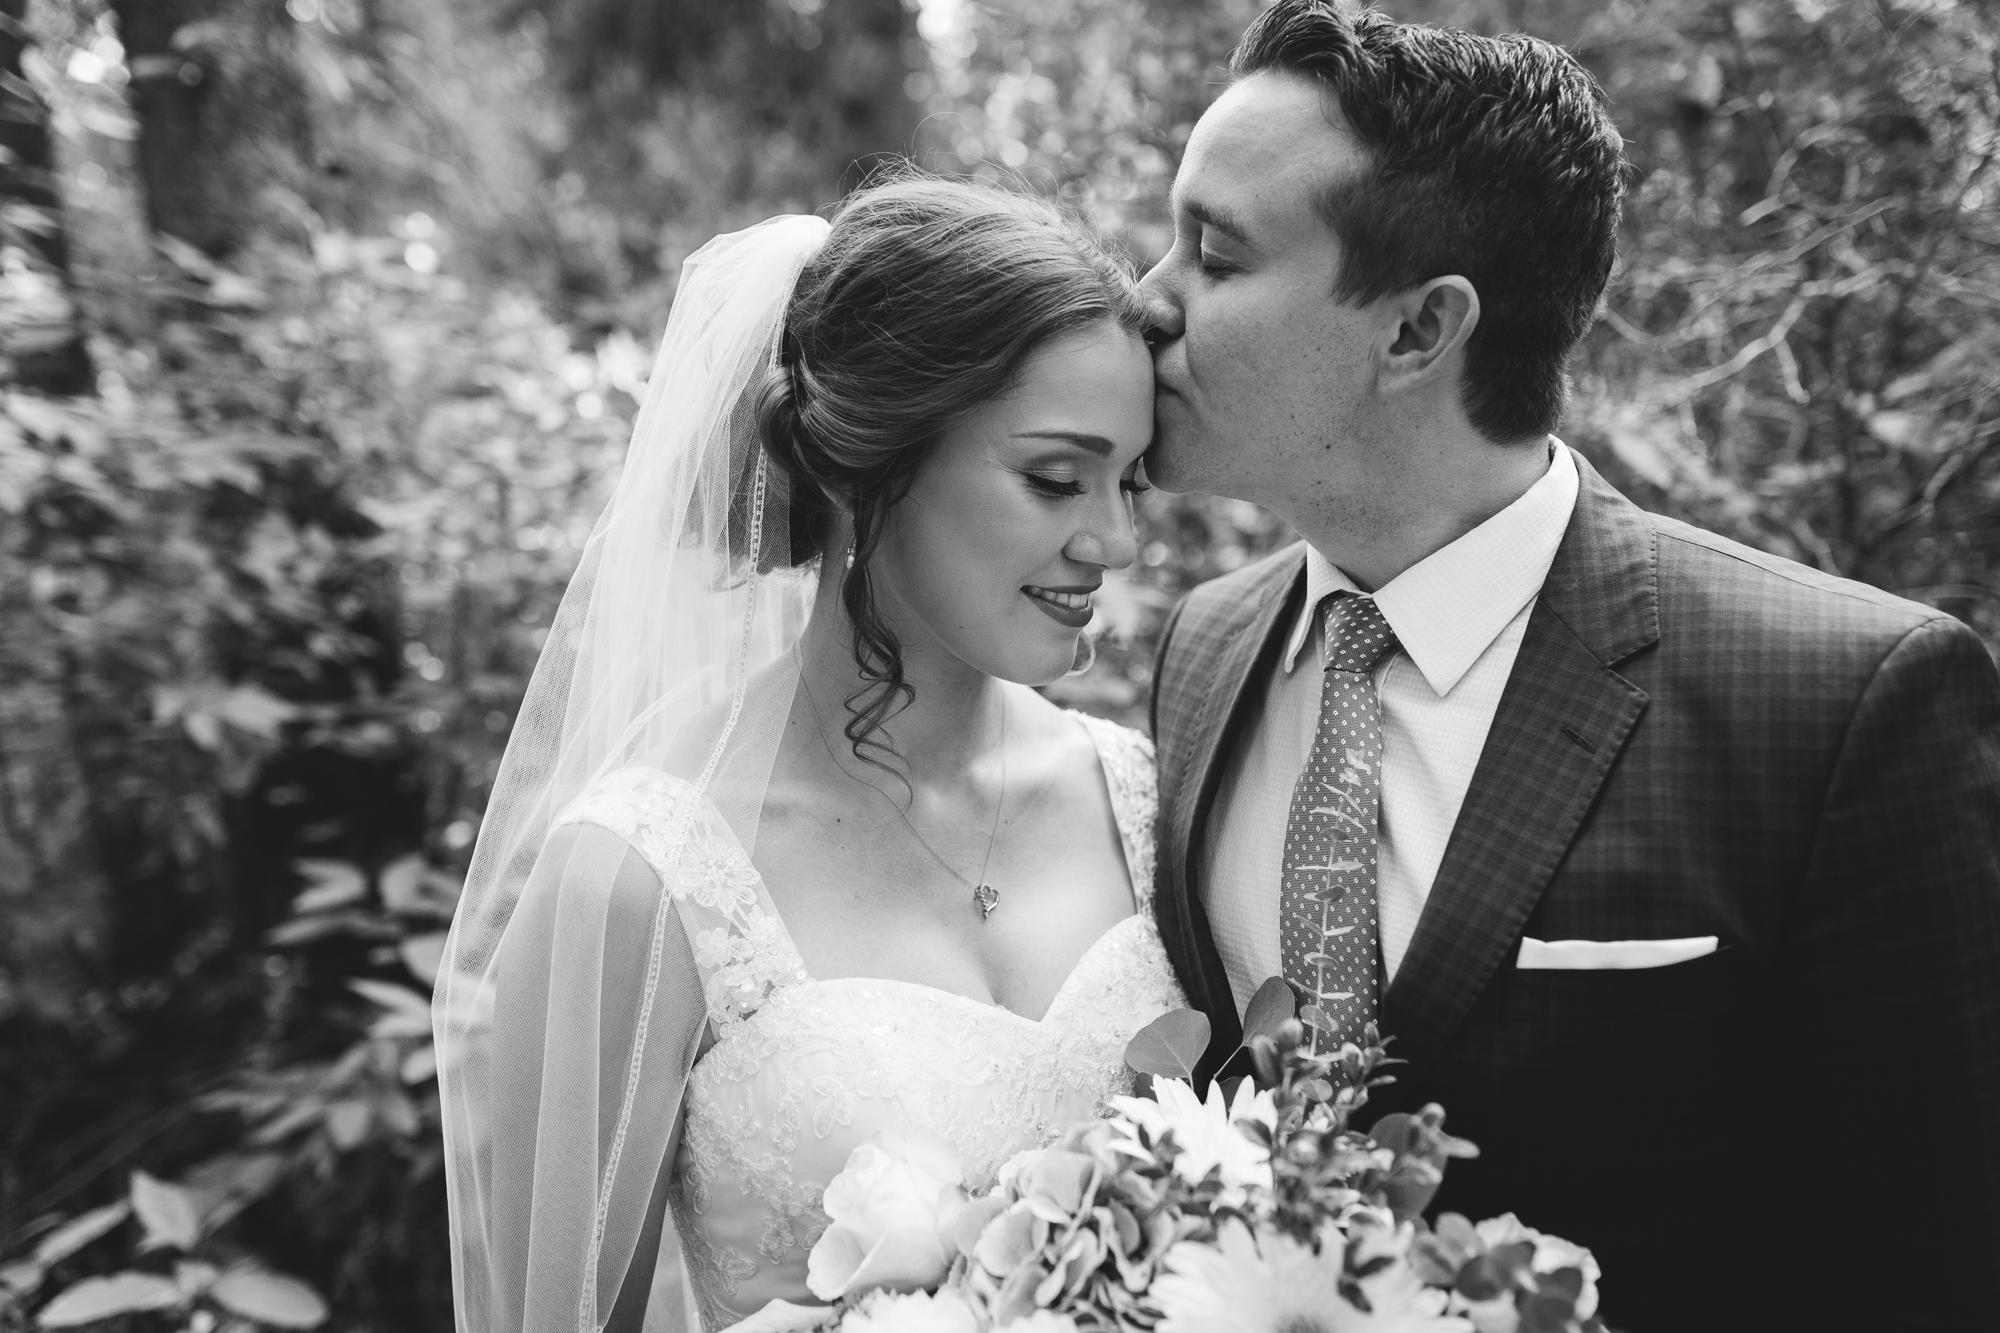 Deanna-Rachel-Photography-calgary-Wedding-photographer-jm-25.jpg